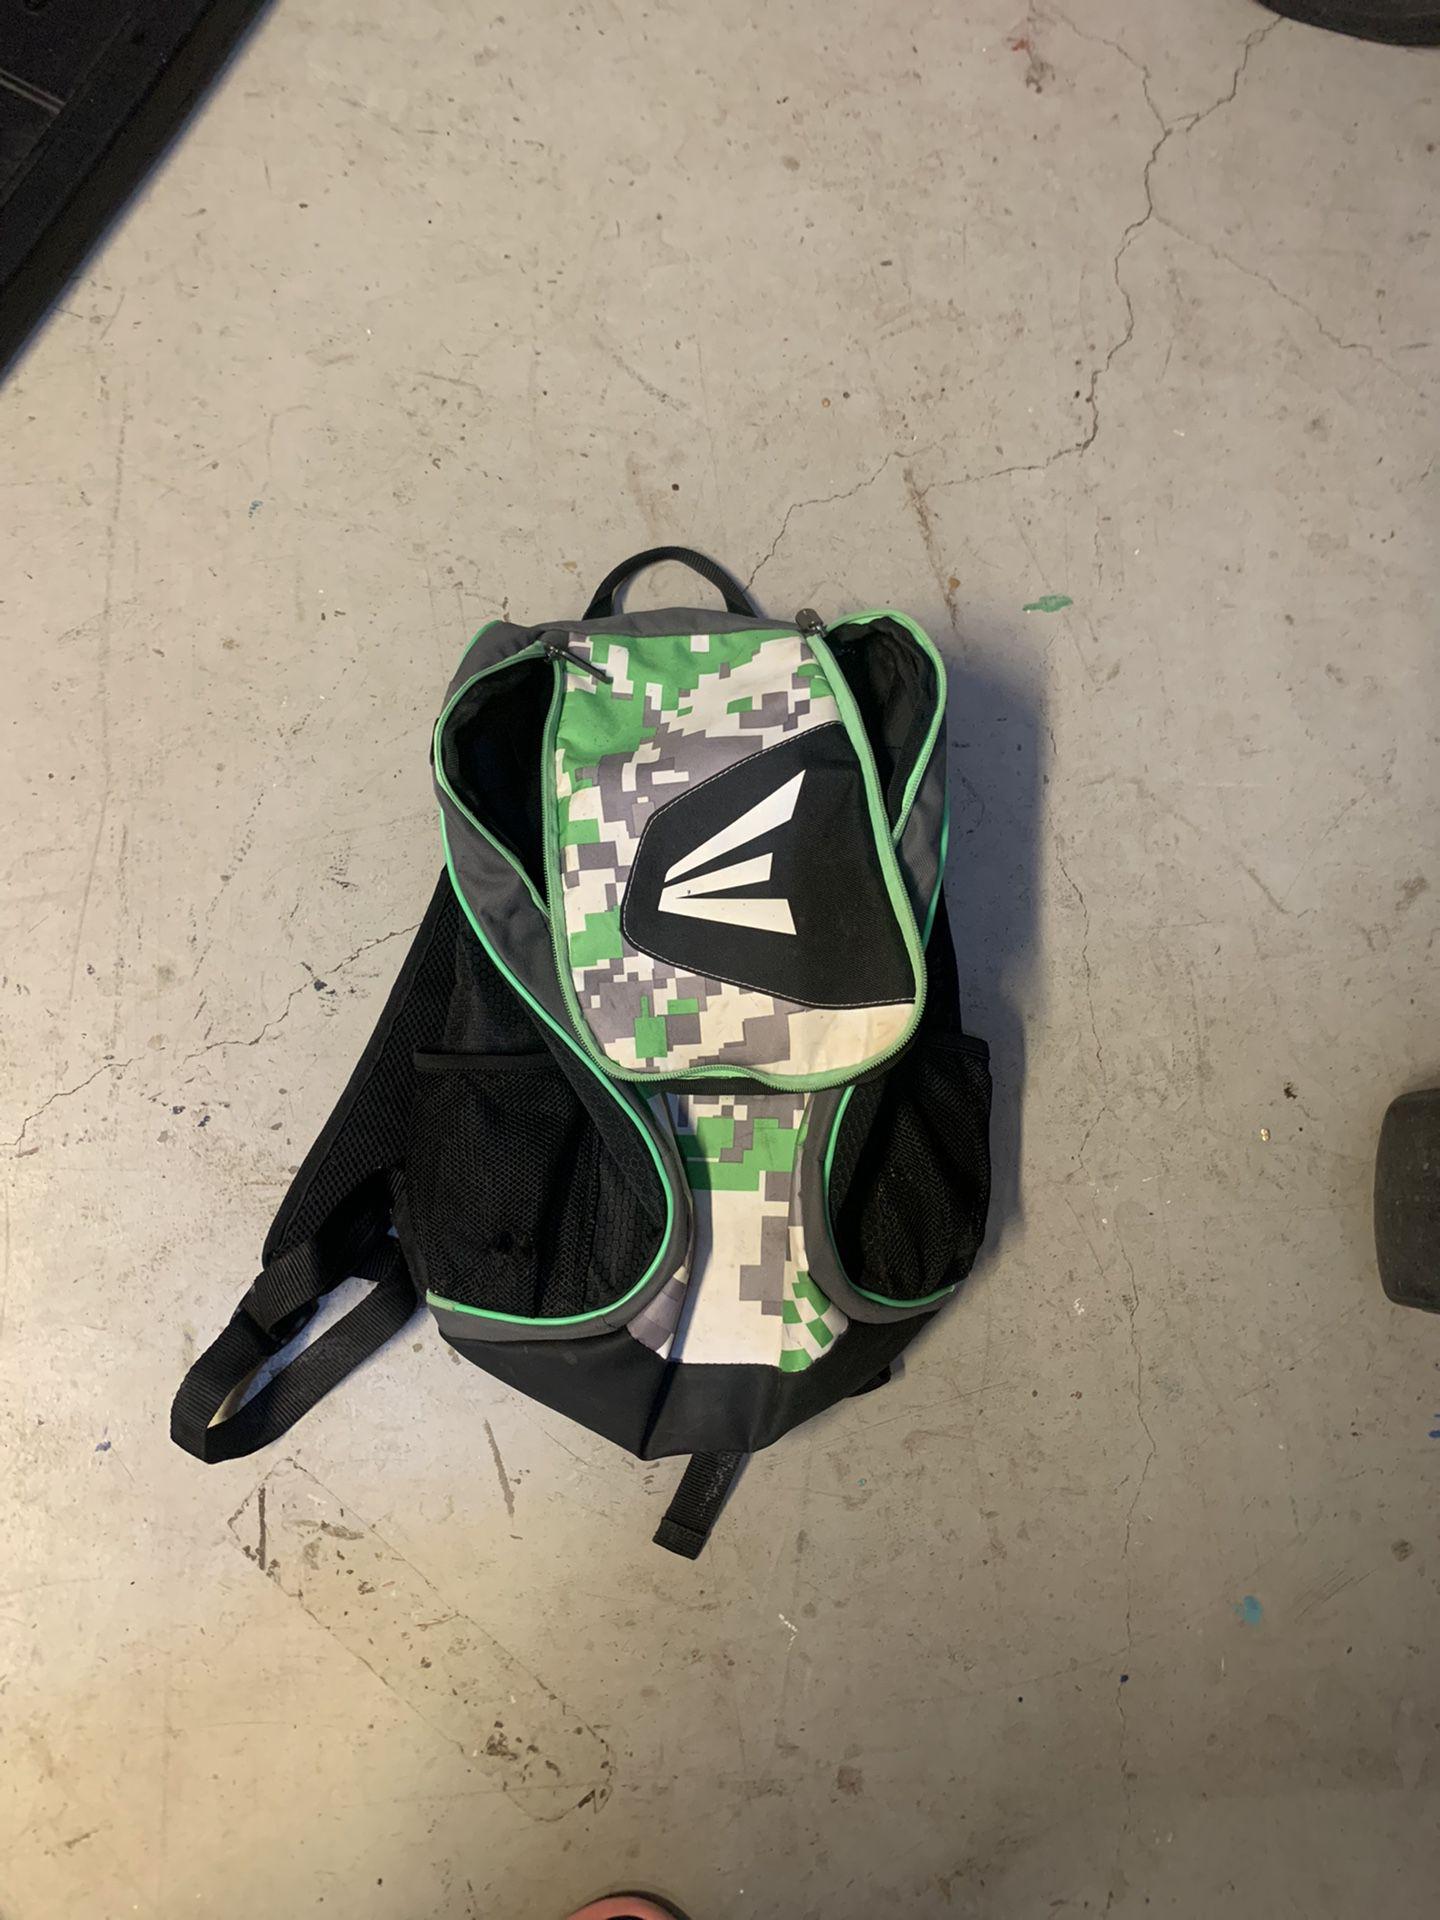 Easton softball/baseball backpack